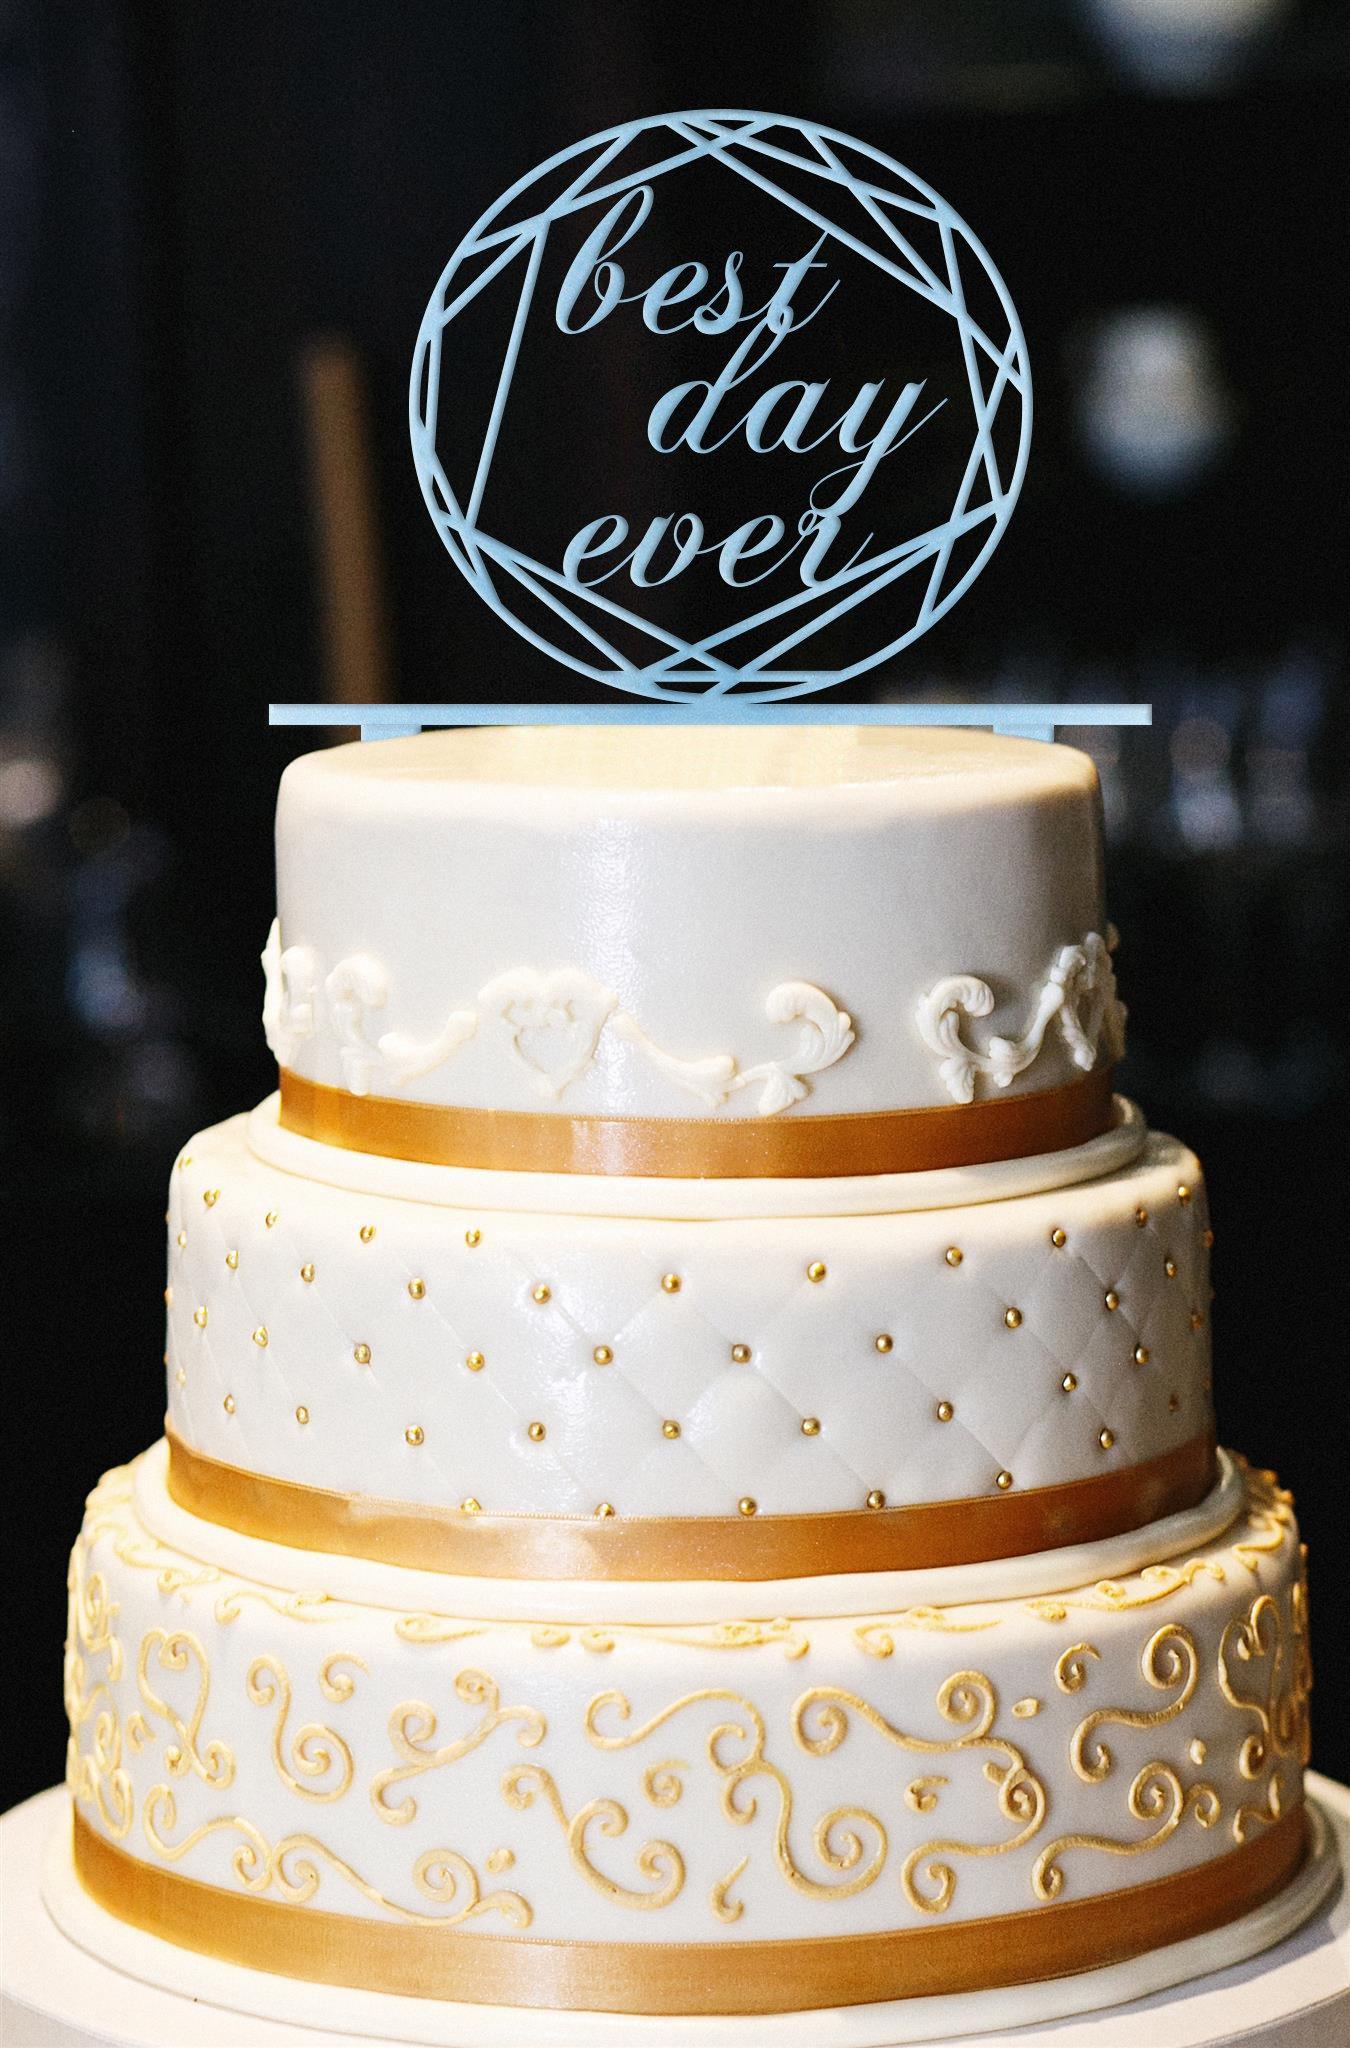 Best Day Ever Wedding Cake Topper, Wedding Cake Topper, Engagement Cake Topper, Gold Cake Topper, Gold Glitter Cake Topper, Anniversary (13'', Pearl Light Blue)